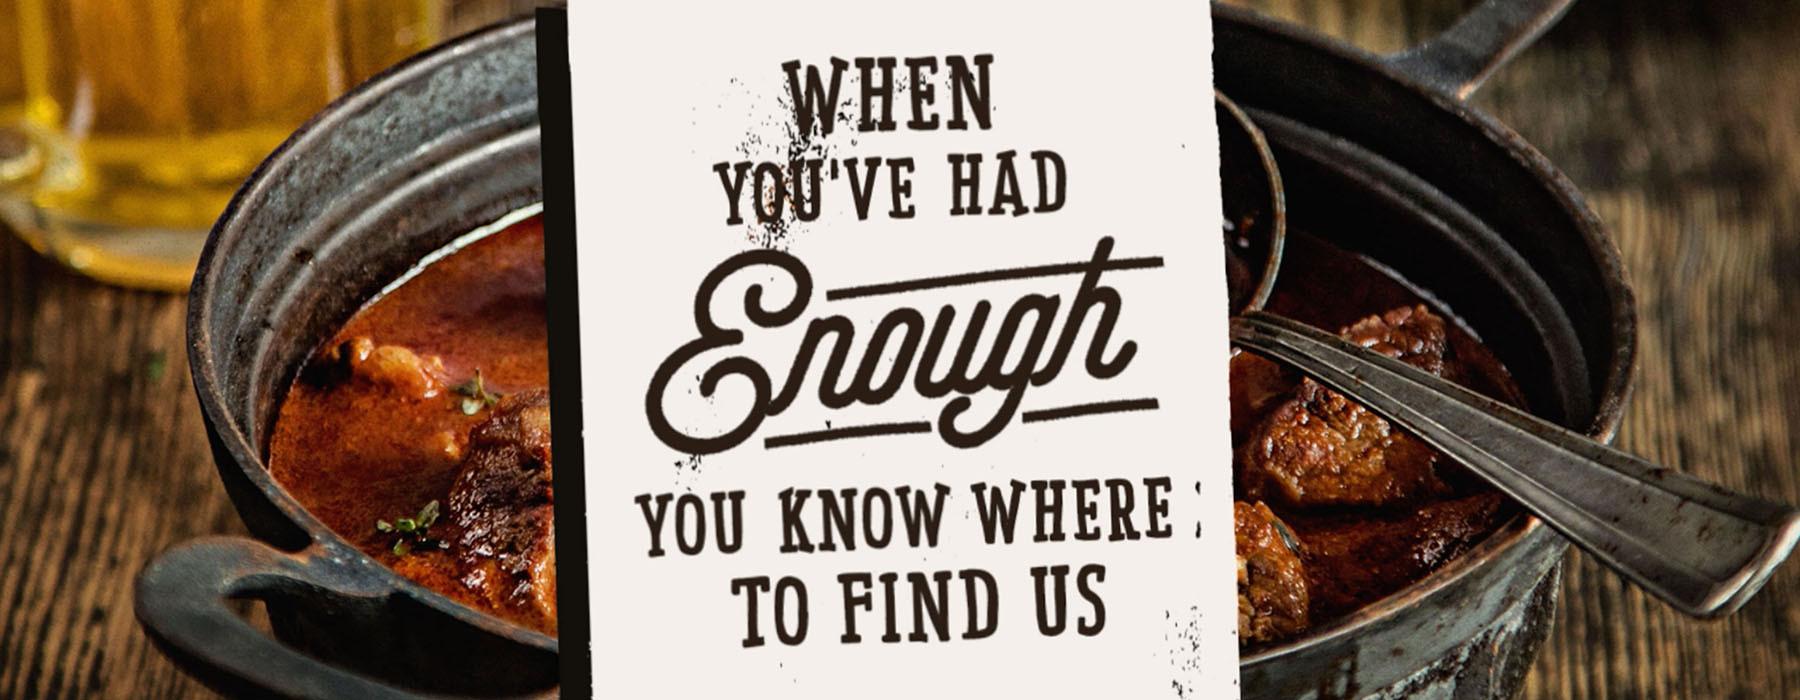 When You've Had Enough